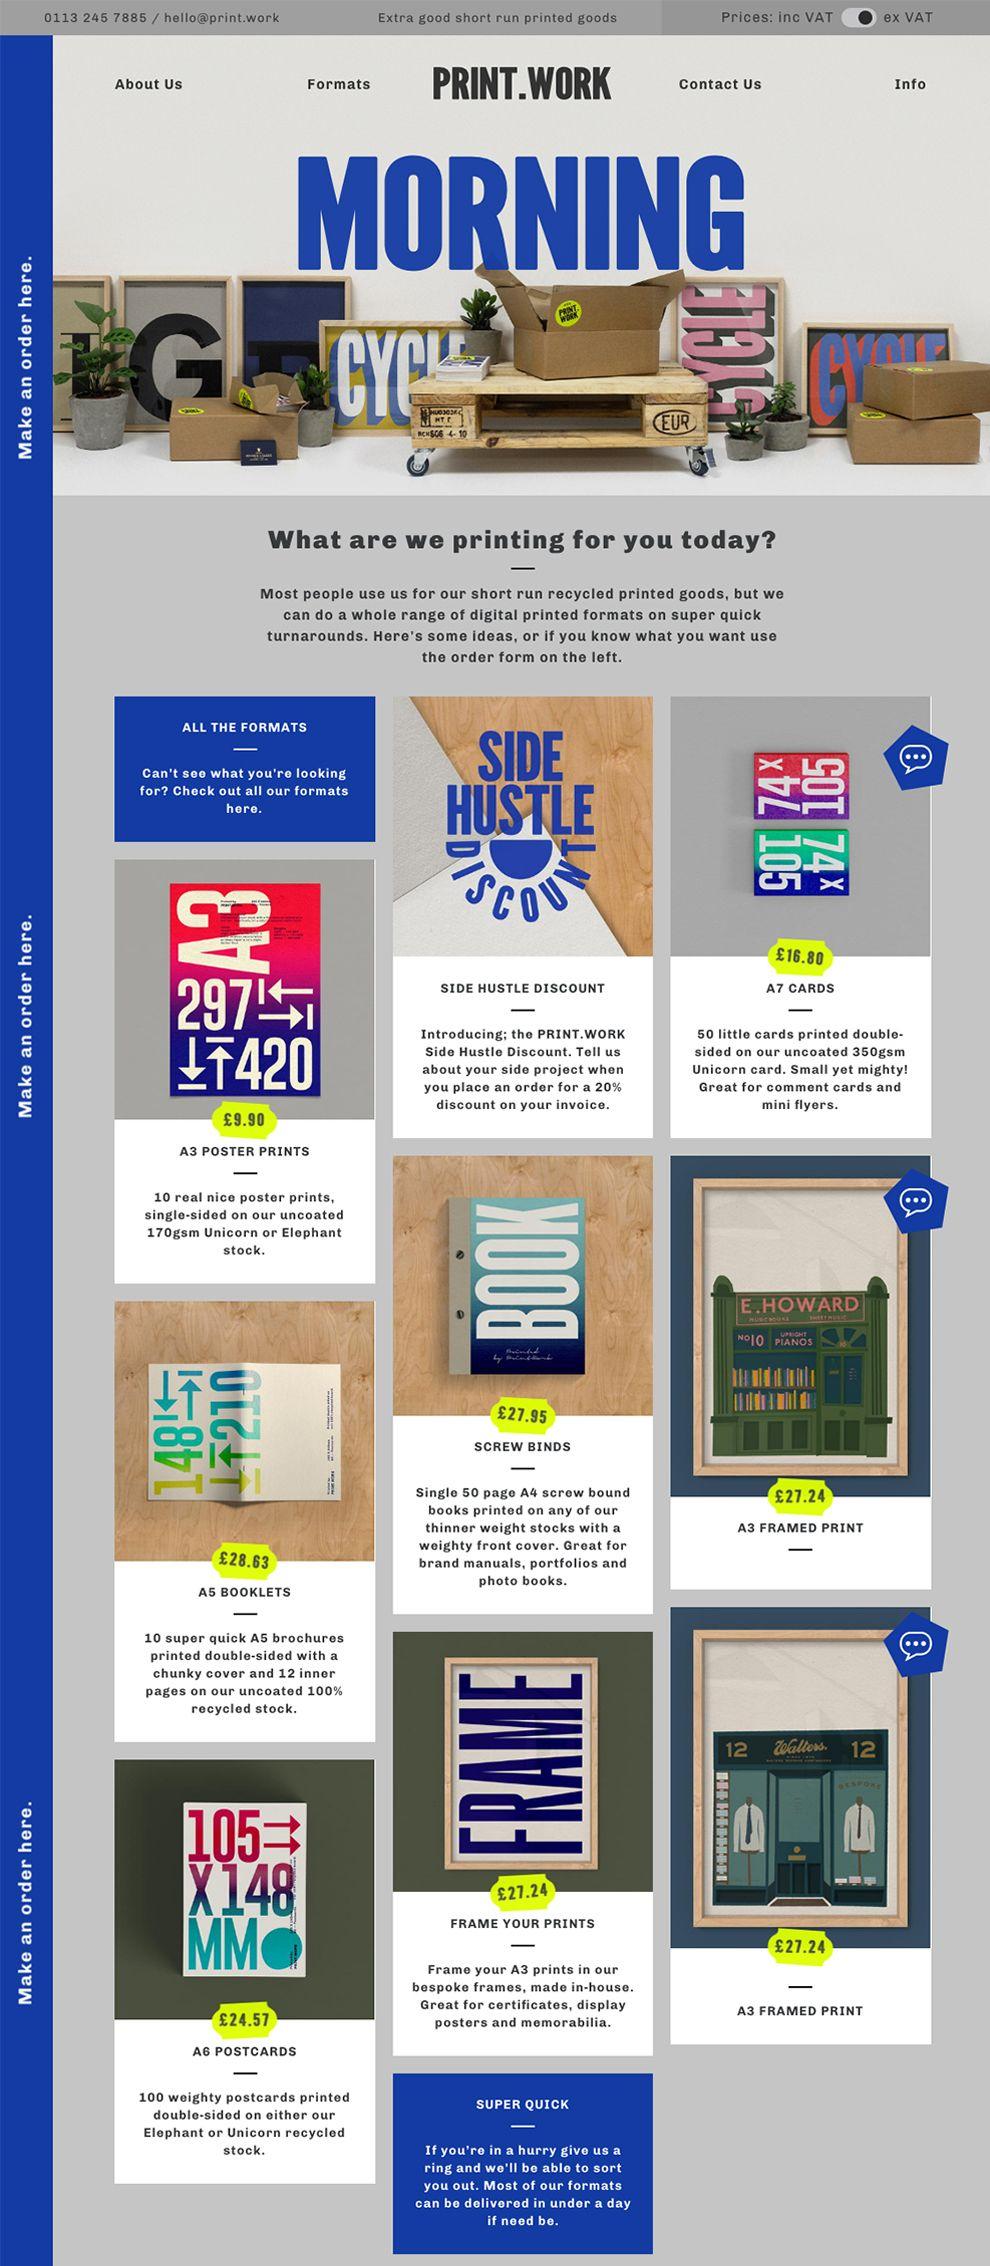 Print.Work Great Homepage